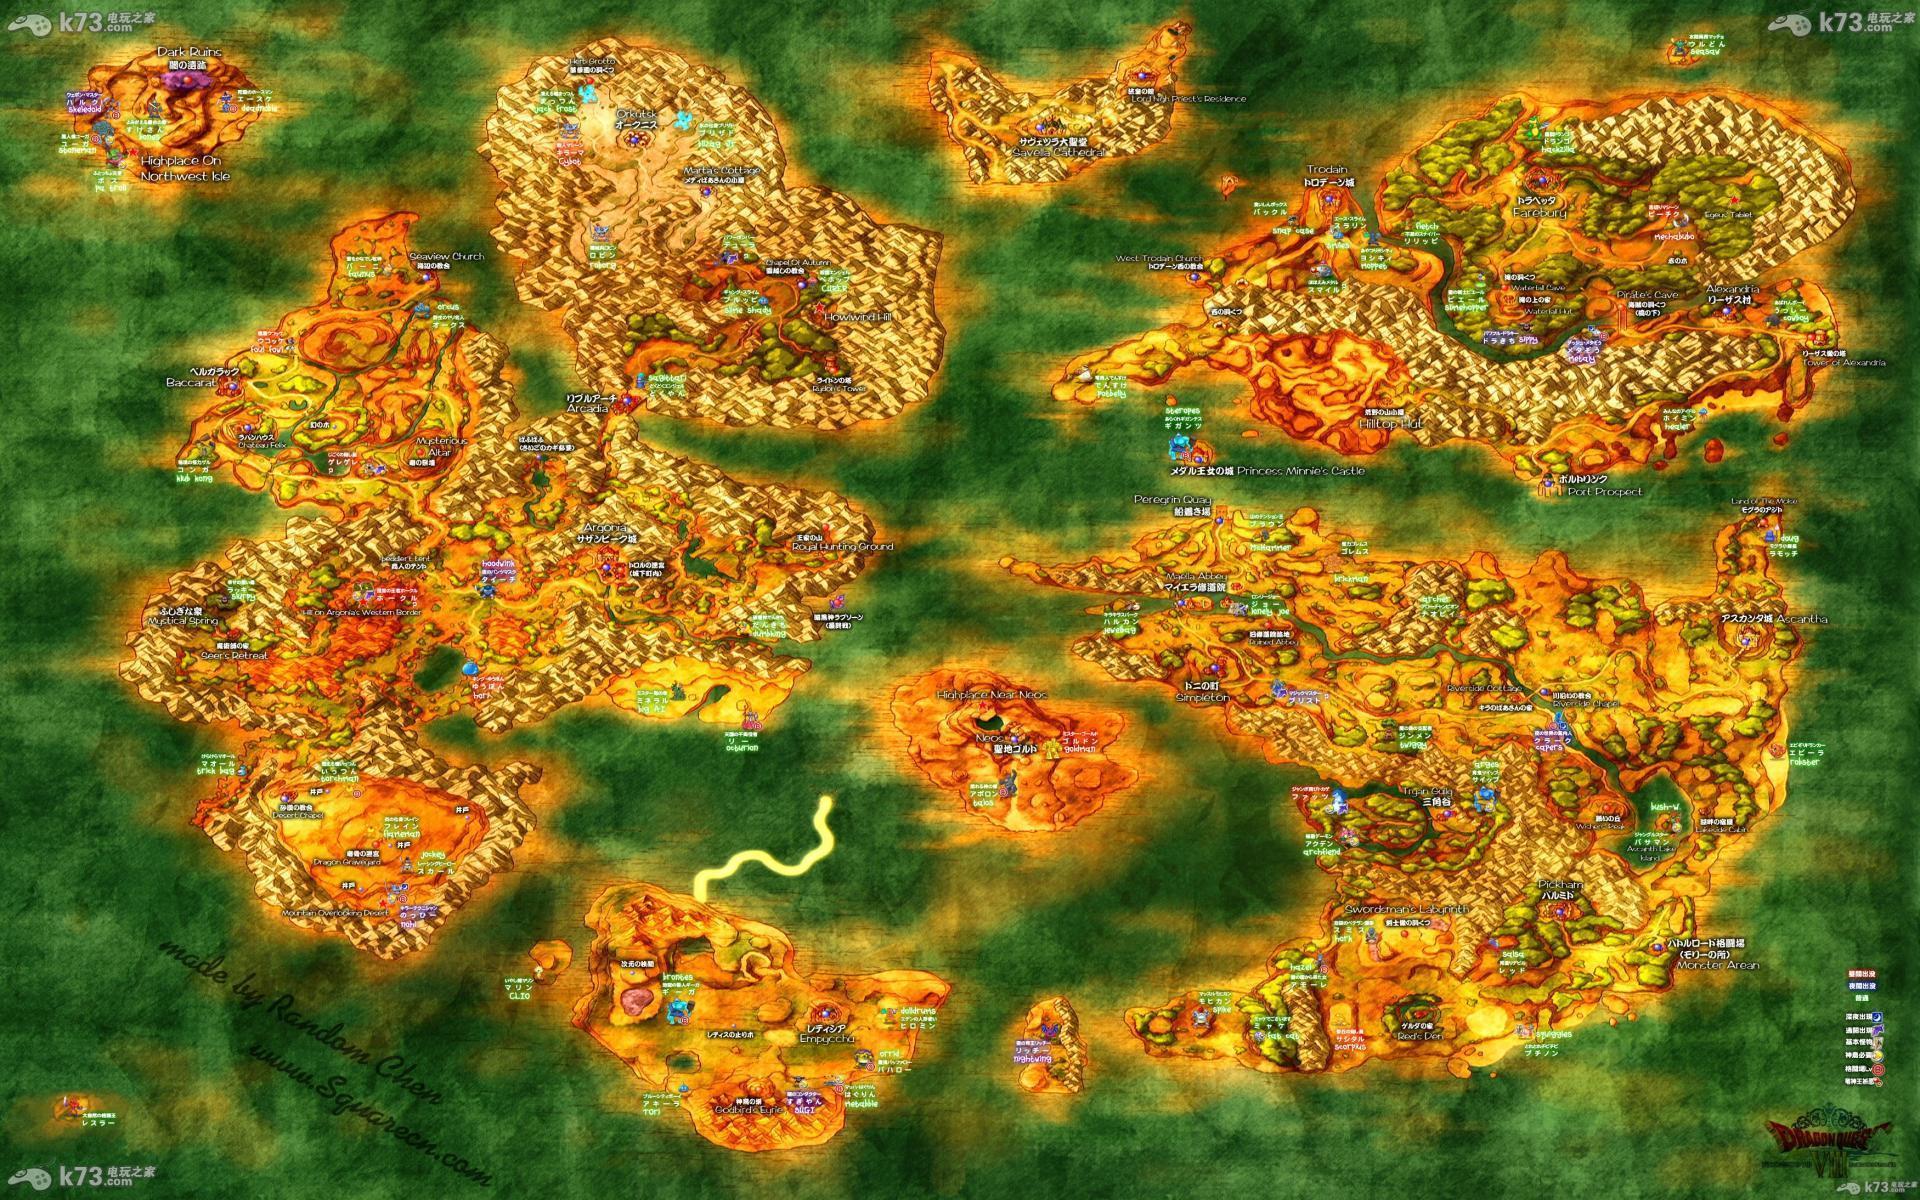 首页 游戏库 勇者斗恶龙8  最近小编又重新玩了一遍ps2平台上的超级